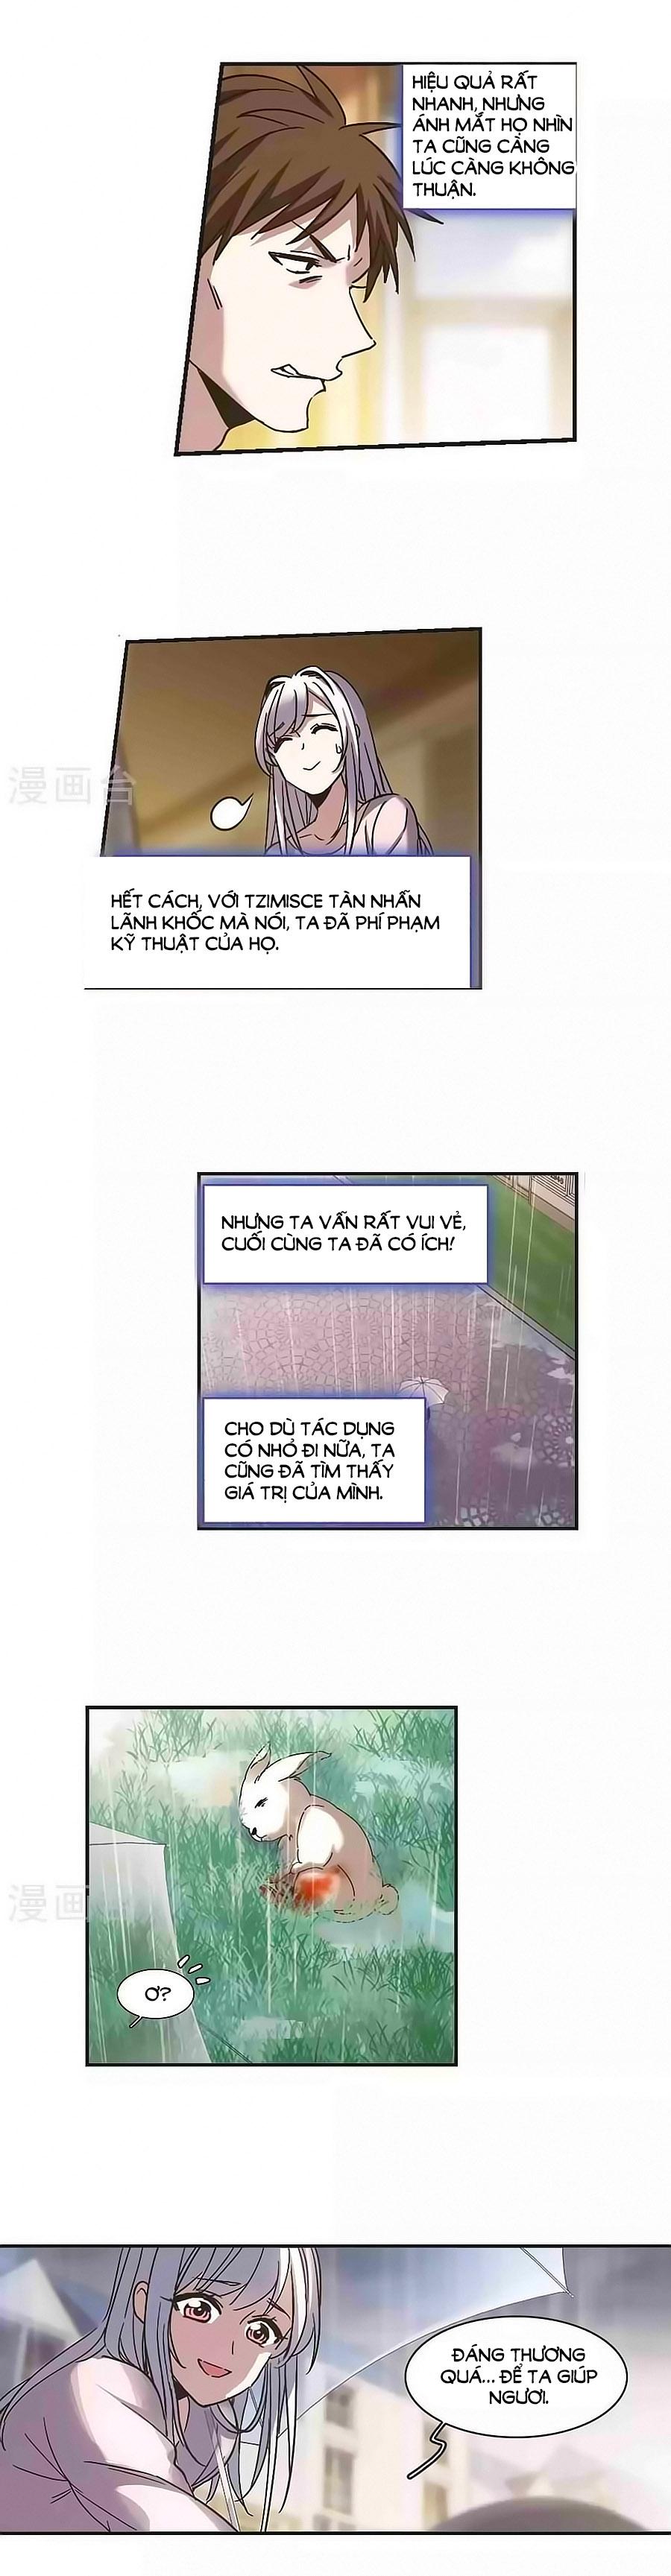 Huyết Tộc Cấm Vực – Chap 123.1